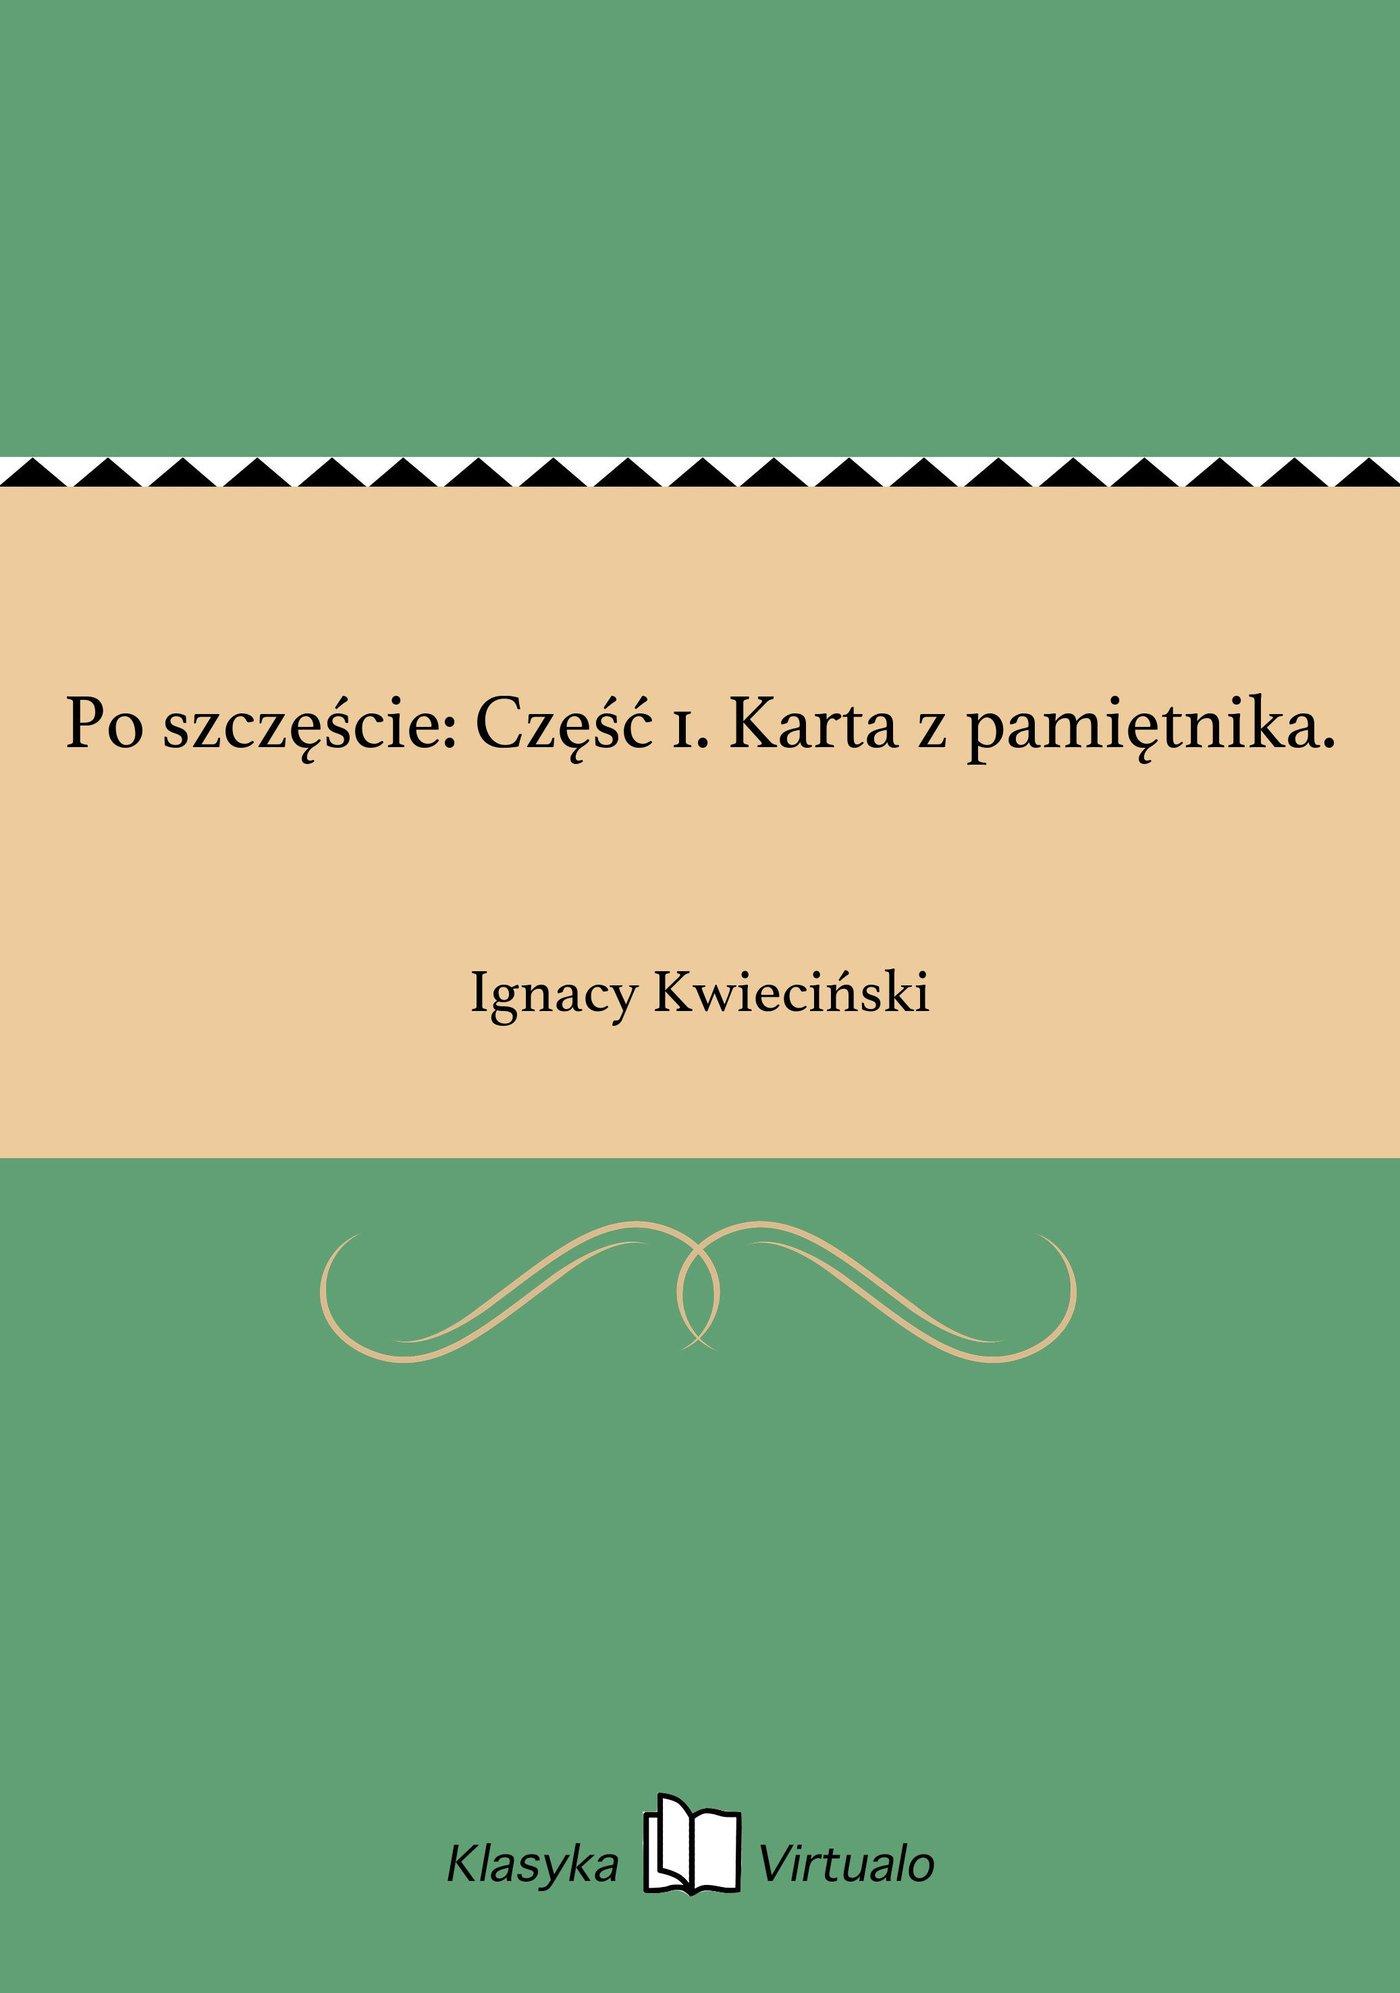 Po szczęście: Część 1. Karta z pamiętnika. - Ebook (Książka EPUB) do pobrania w formacie EPUB